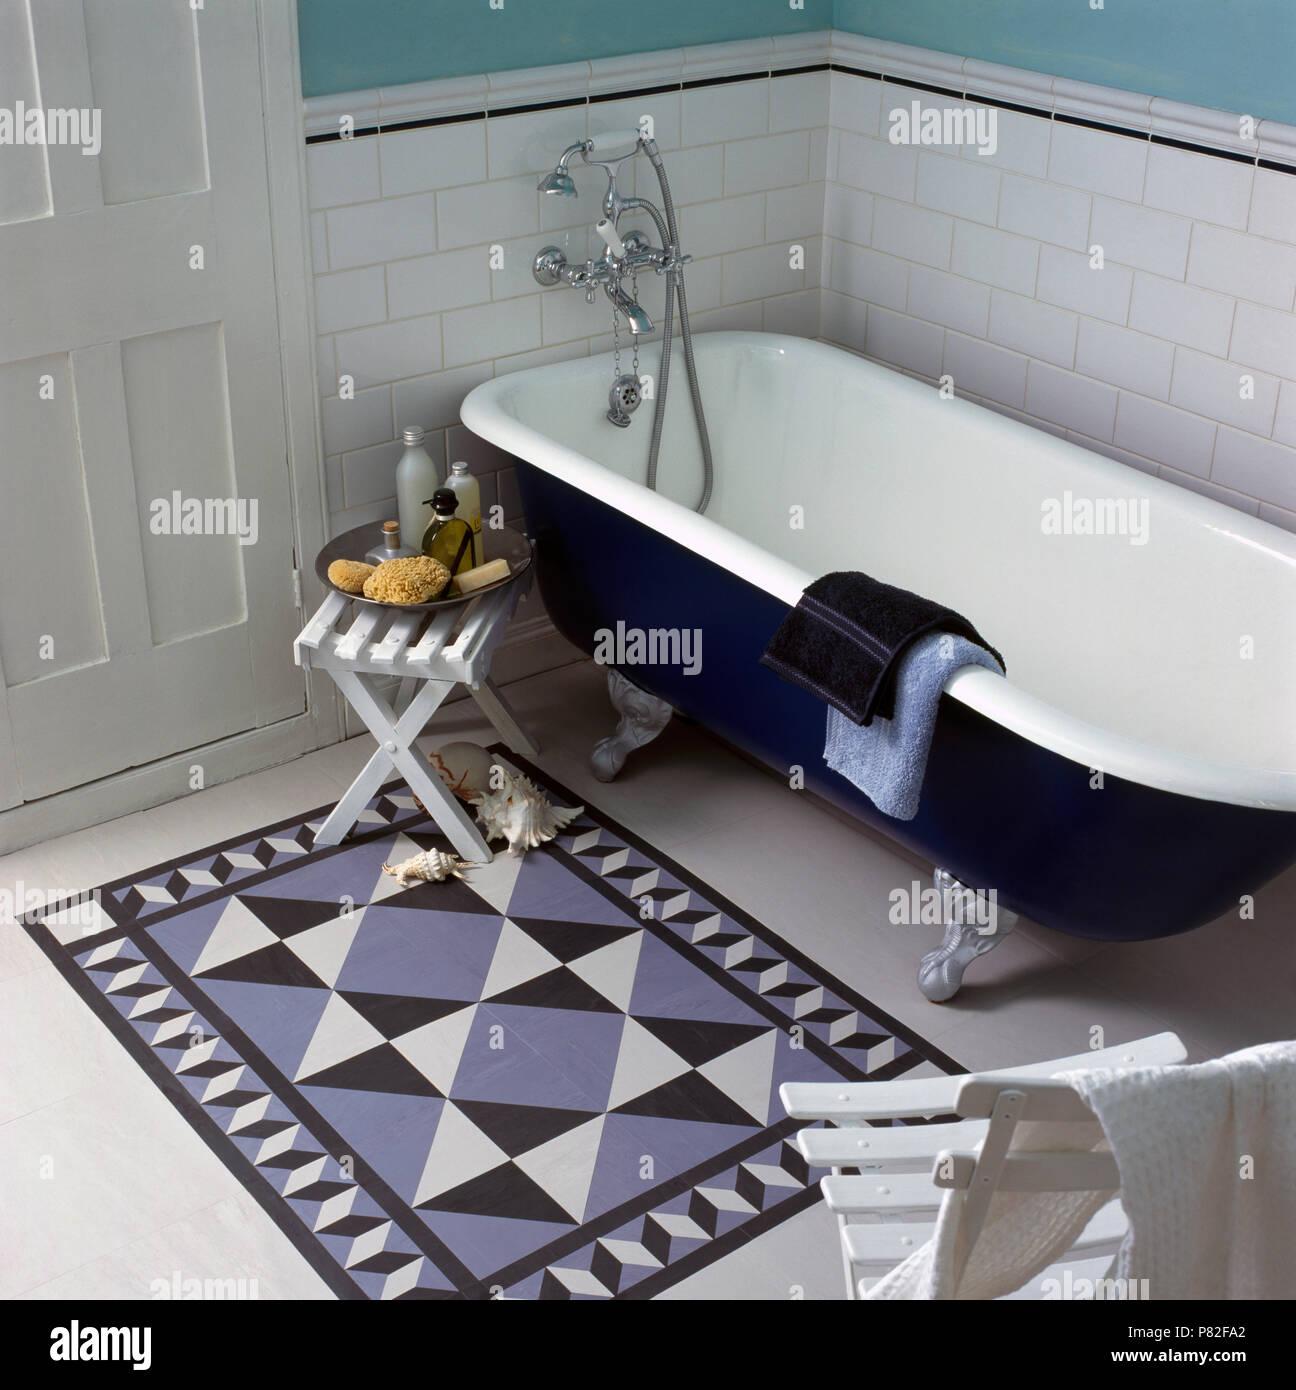 Dipinto di tappetino accanto a roll top bagno in una economia di ...